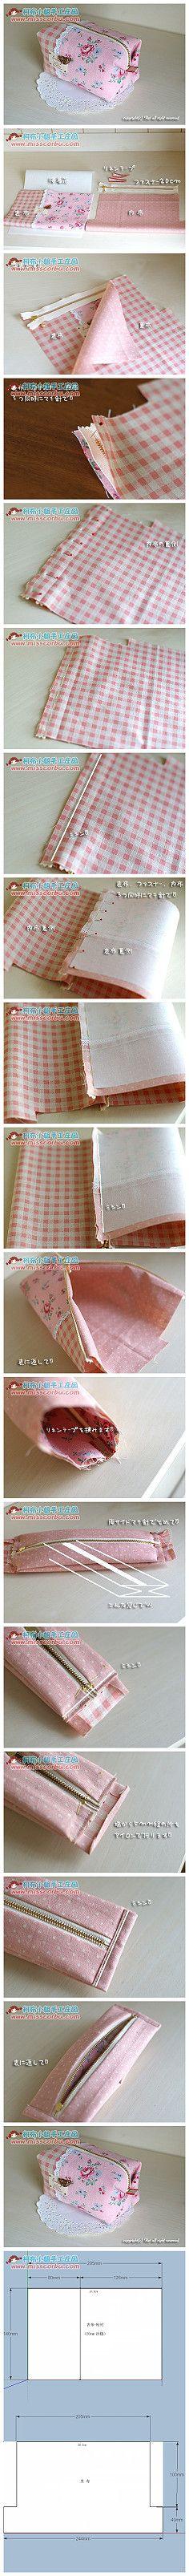 韩国达人化妆包教程+纸型